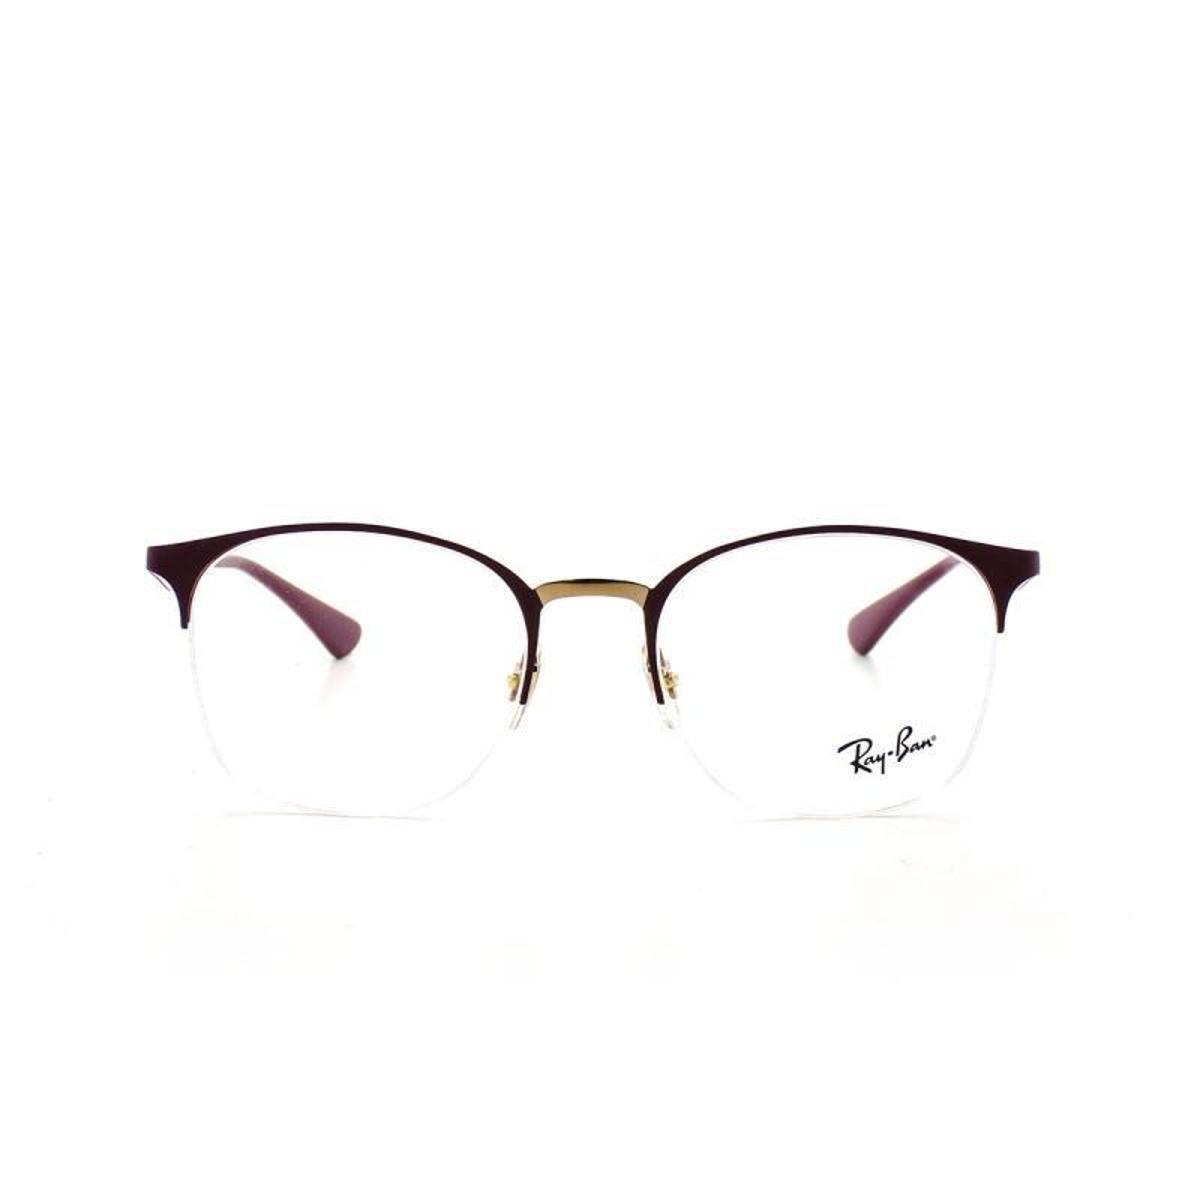 f83ee7cdda3d3 Armação De Óculos De Grau Ray Ban Metal Round 6422 T 51 C 3007 ...